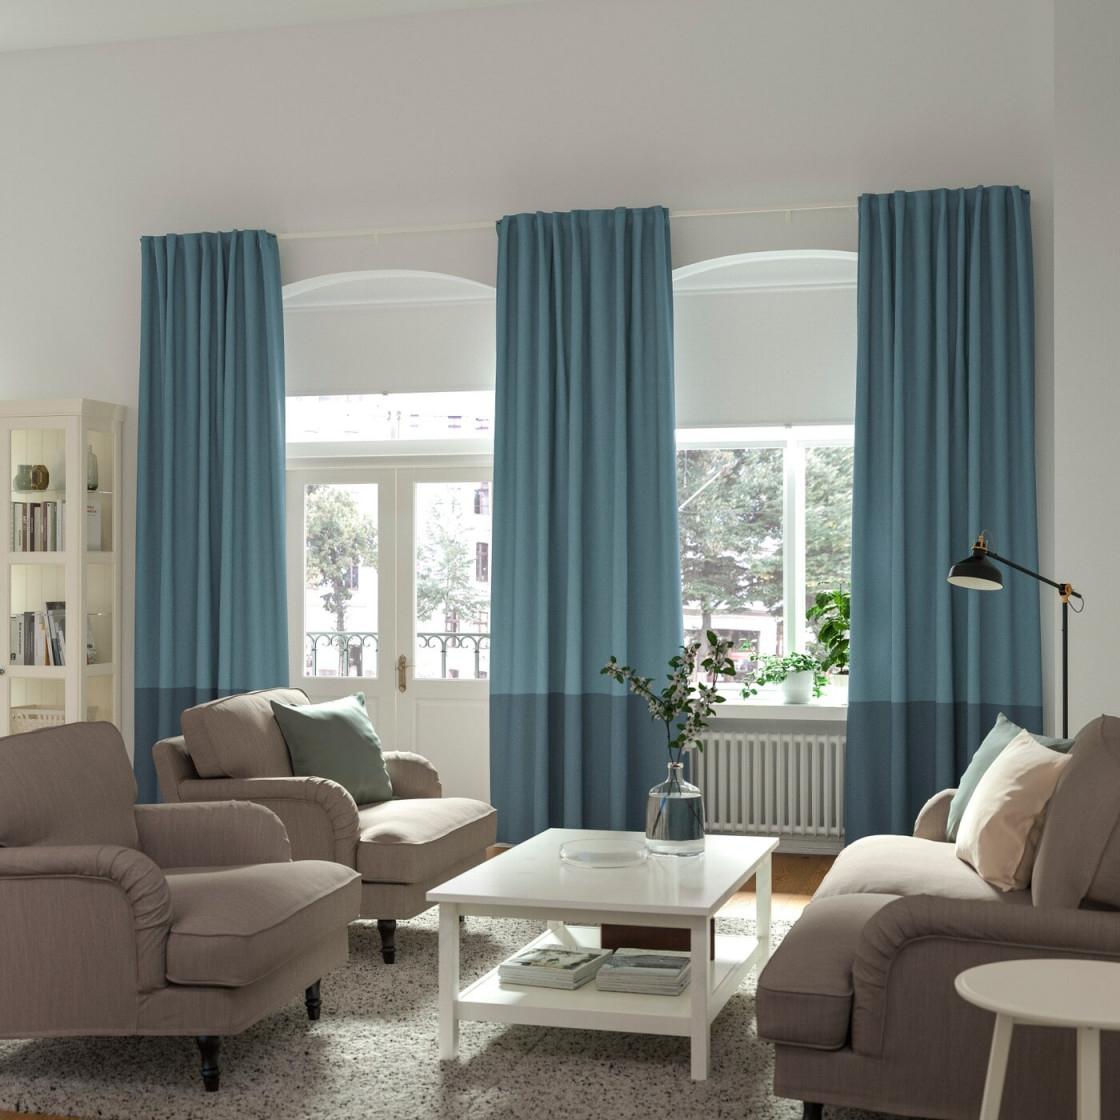 Gardinenideen Inspirationen Für Dein Zuhause  Ikea von Weiße Gardinen Wohnzimmer Bild